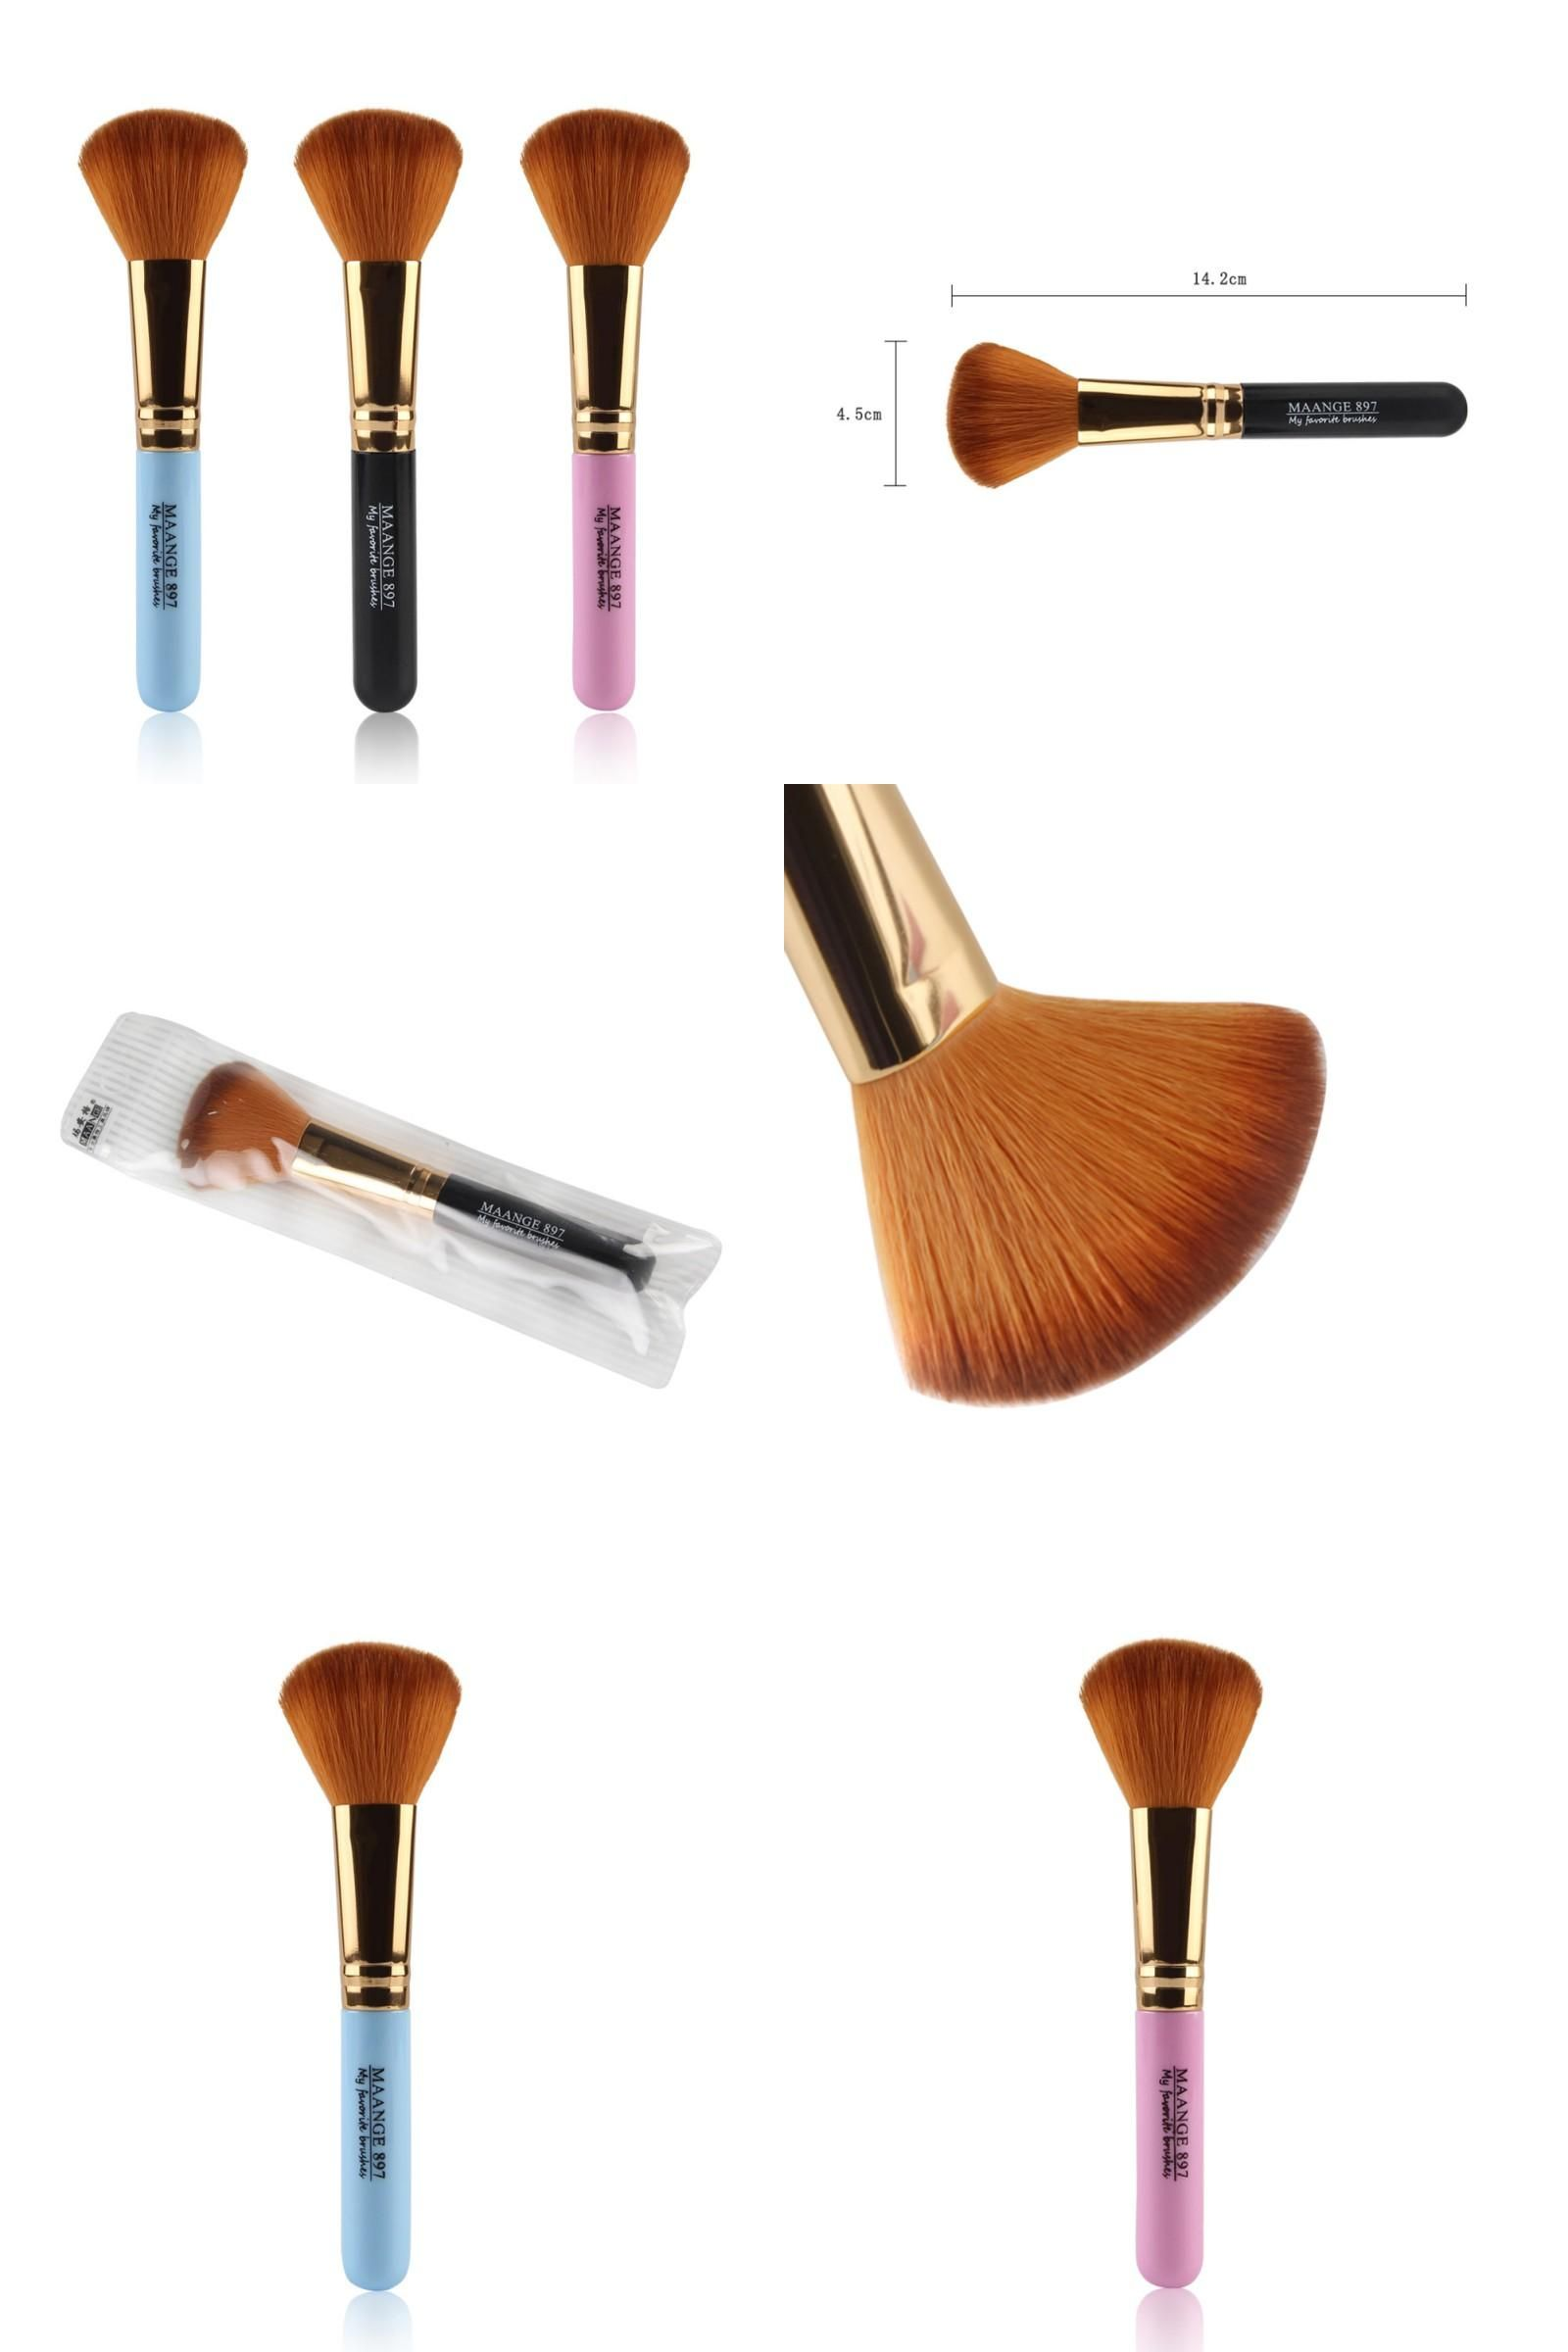 [Visit to Buy] 3 Colors Pro Soft Contour Face Powder